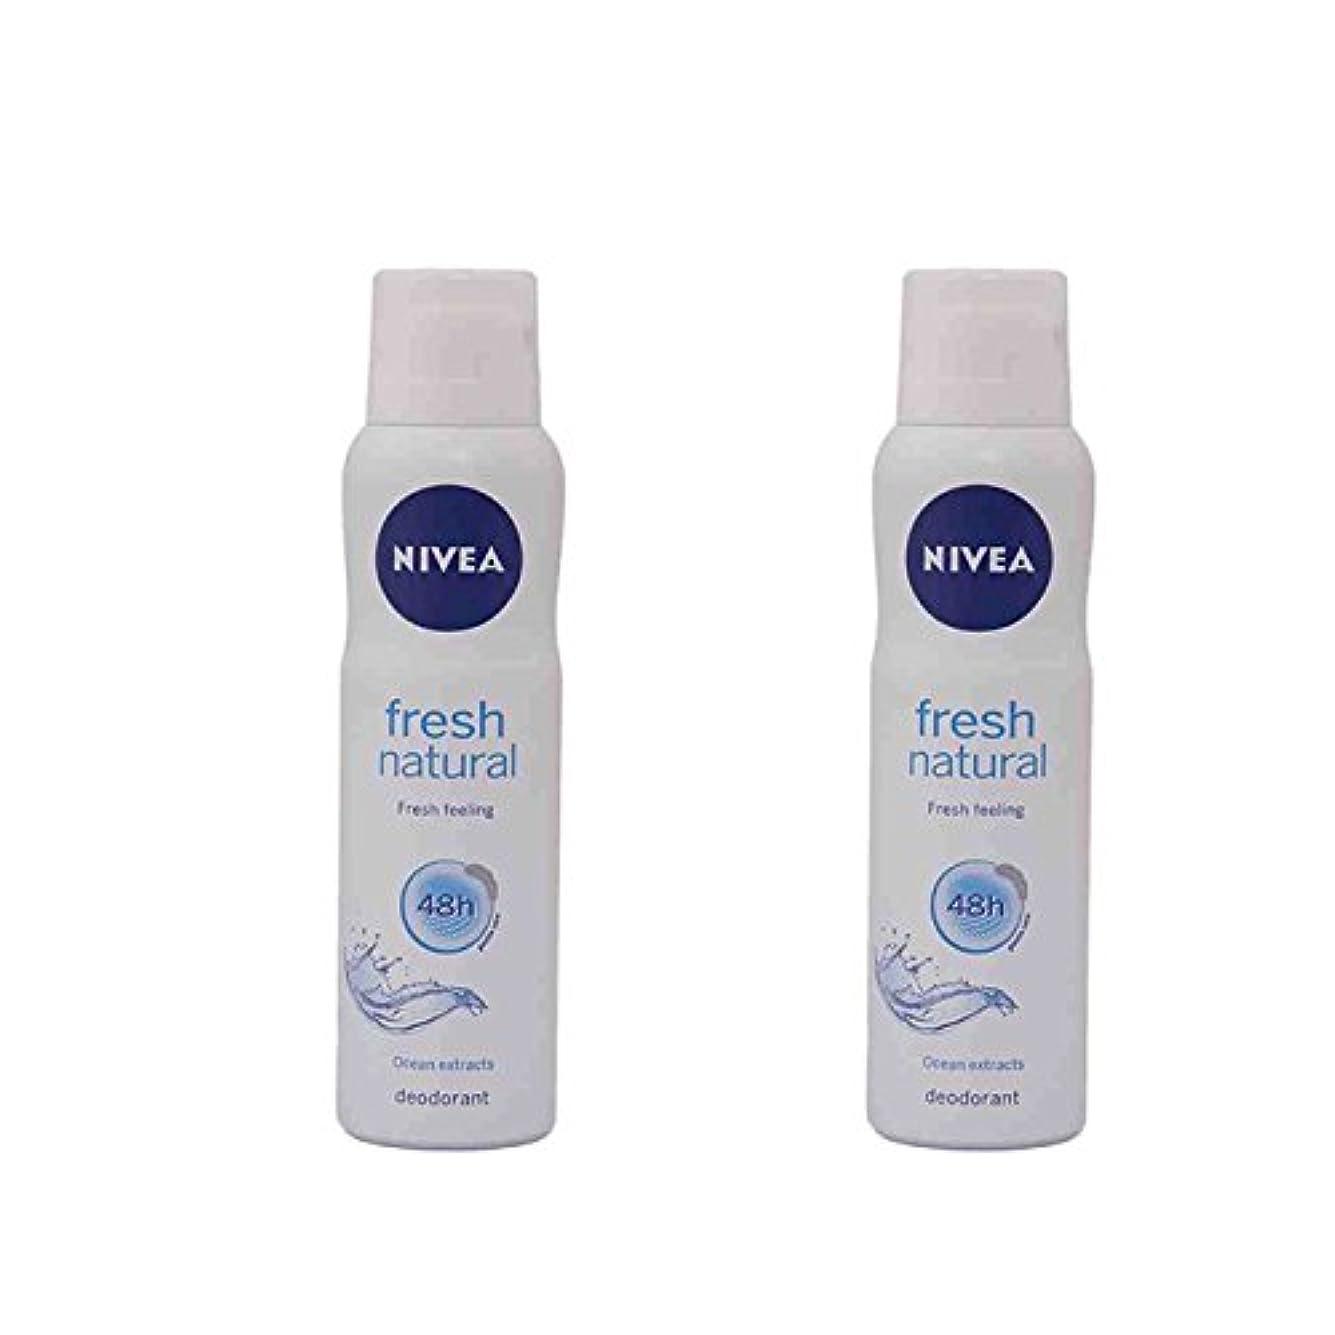 取り消す妨げるスチュアート島2 Lots X Nivea For Women Fresh Natural Deodorant, 150ml - 並行輸入品 - 2ロットXニベア女性用フレッシュナチュラルデオドラント、150ml